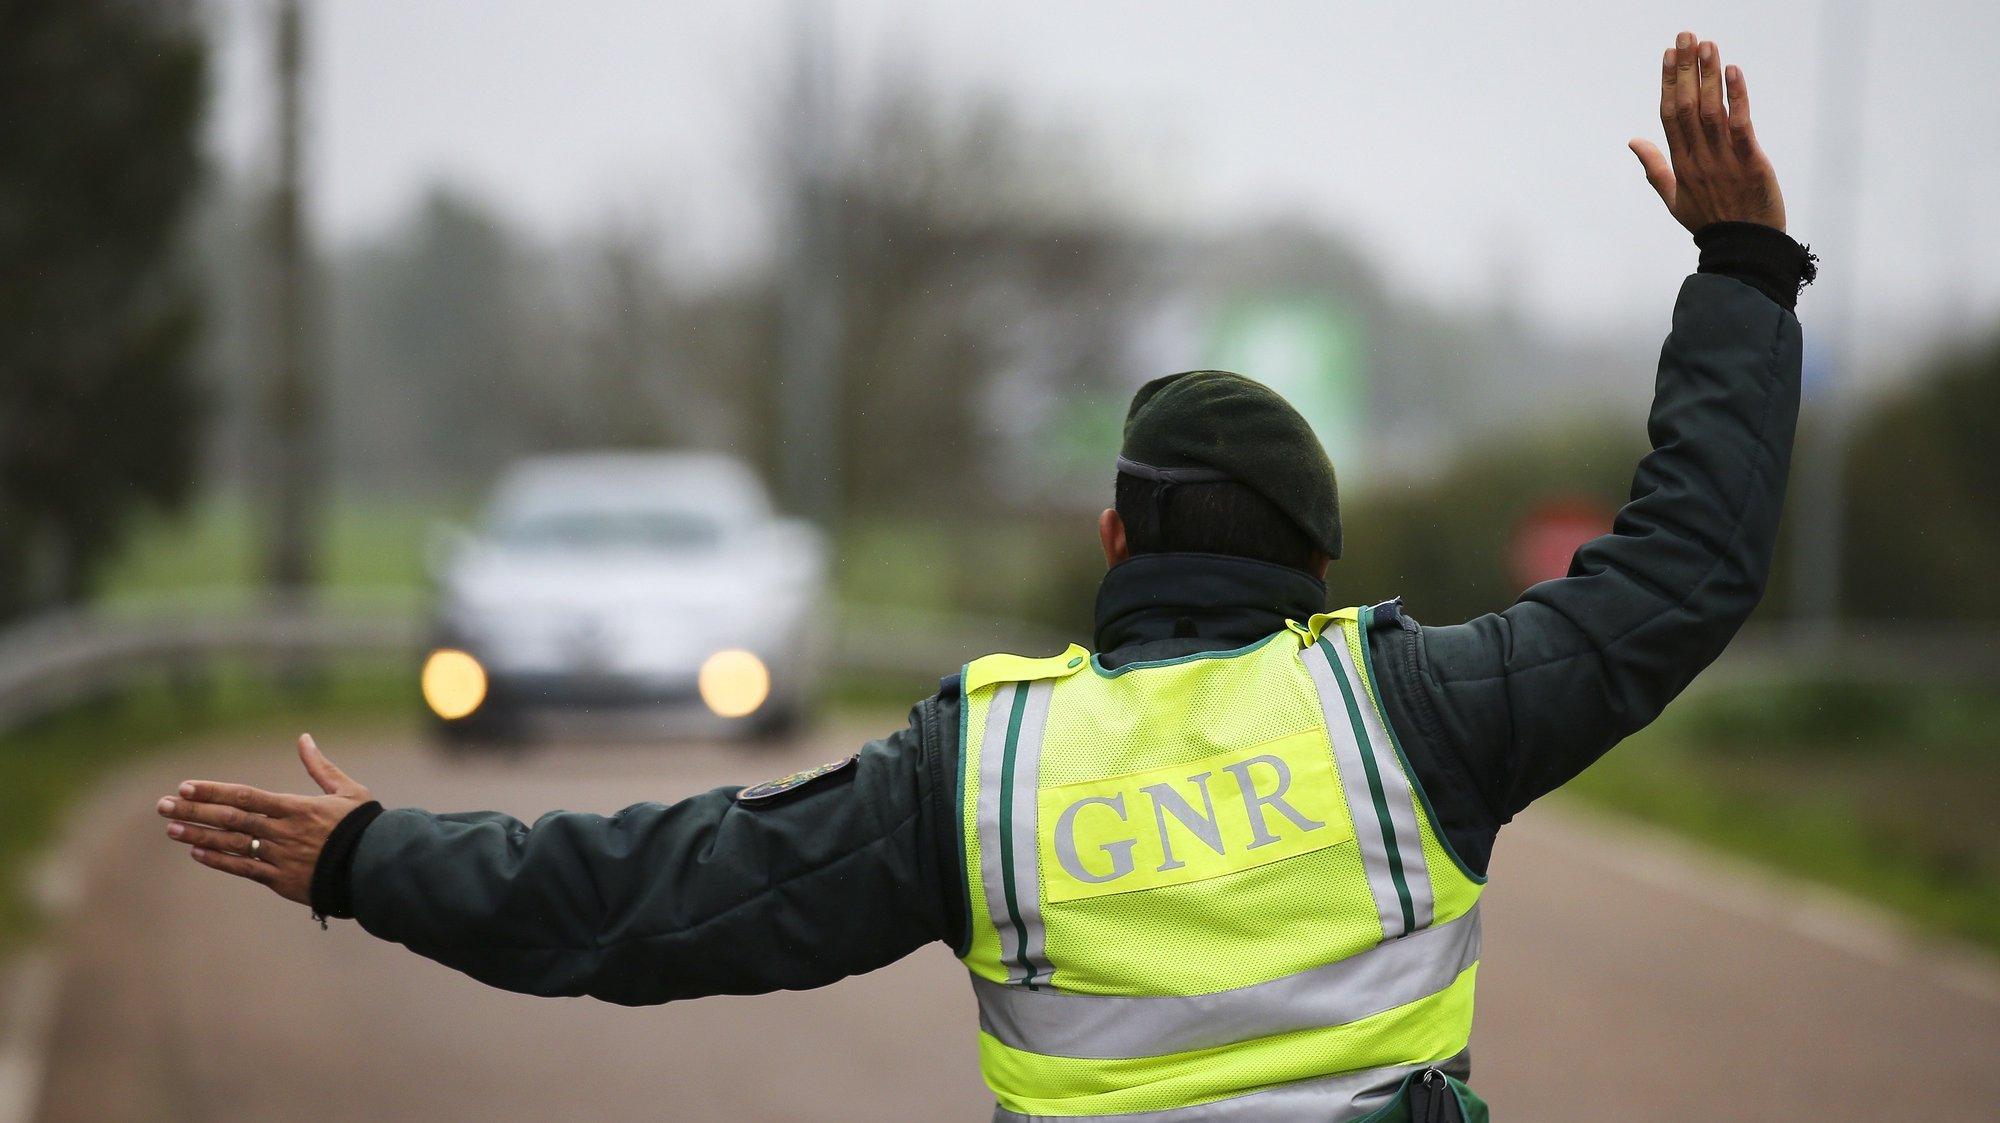 Um agente da GNR manda parar um veículo durante uma operação de controlo na entrada em Portugal pela fronteira do Caia (Elvas). As fronteiras foram repostas desde as 00:00 de domingo, dia 31 de Janeiro, no âmbito das medidas para conter a propagação da covid-19 no território português. Elvas, 31 de janeiro de 2021. NUNO VEIGA/LUSA